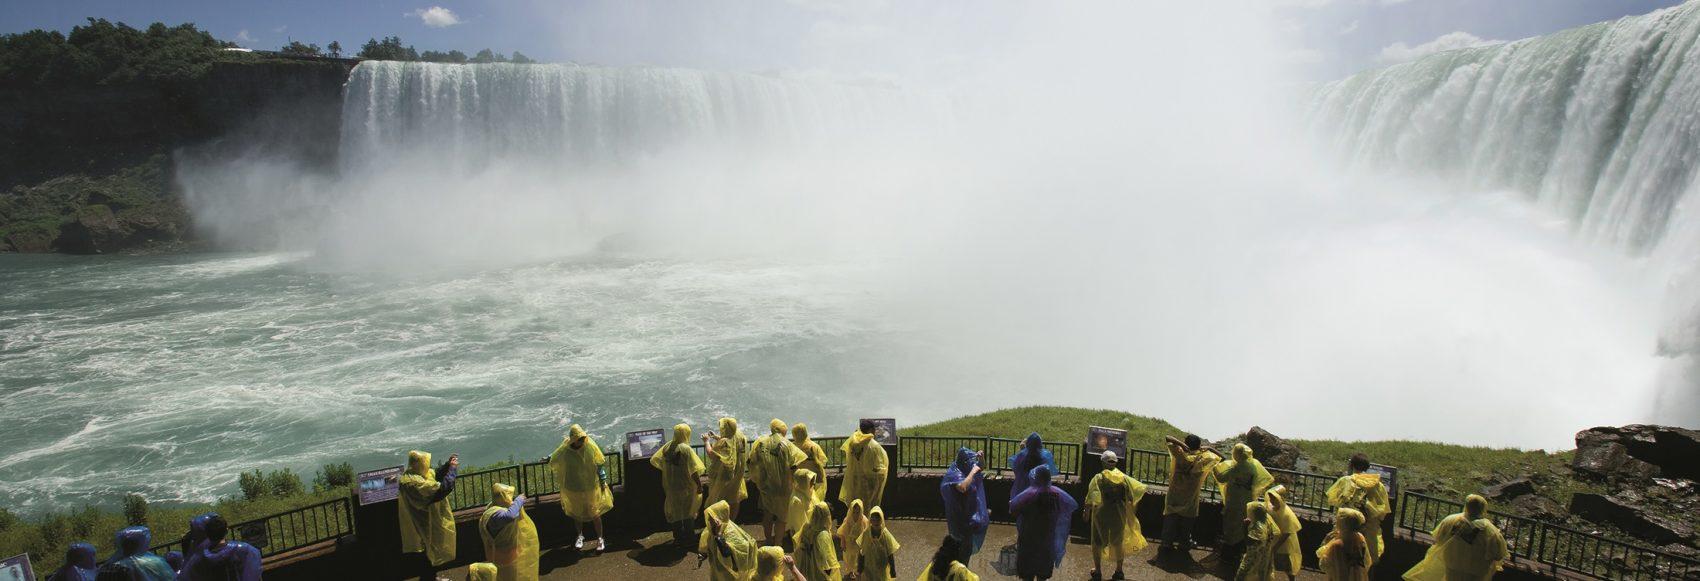 Niagara Falls Escorted Coach Tour, Ontario